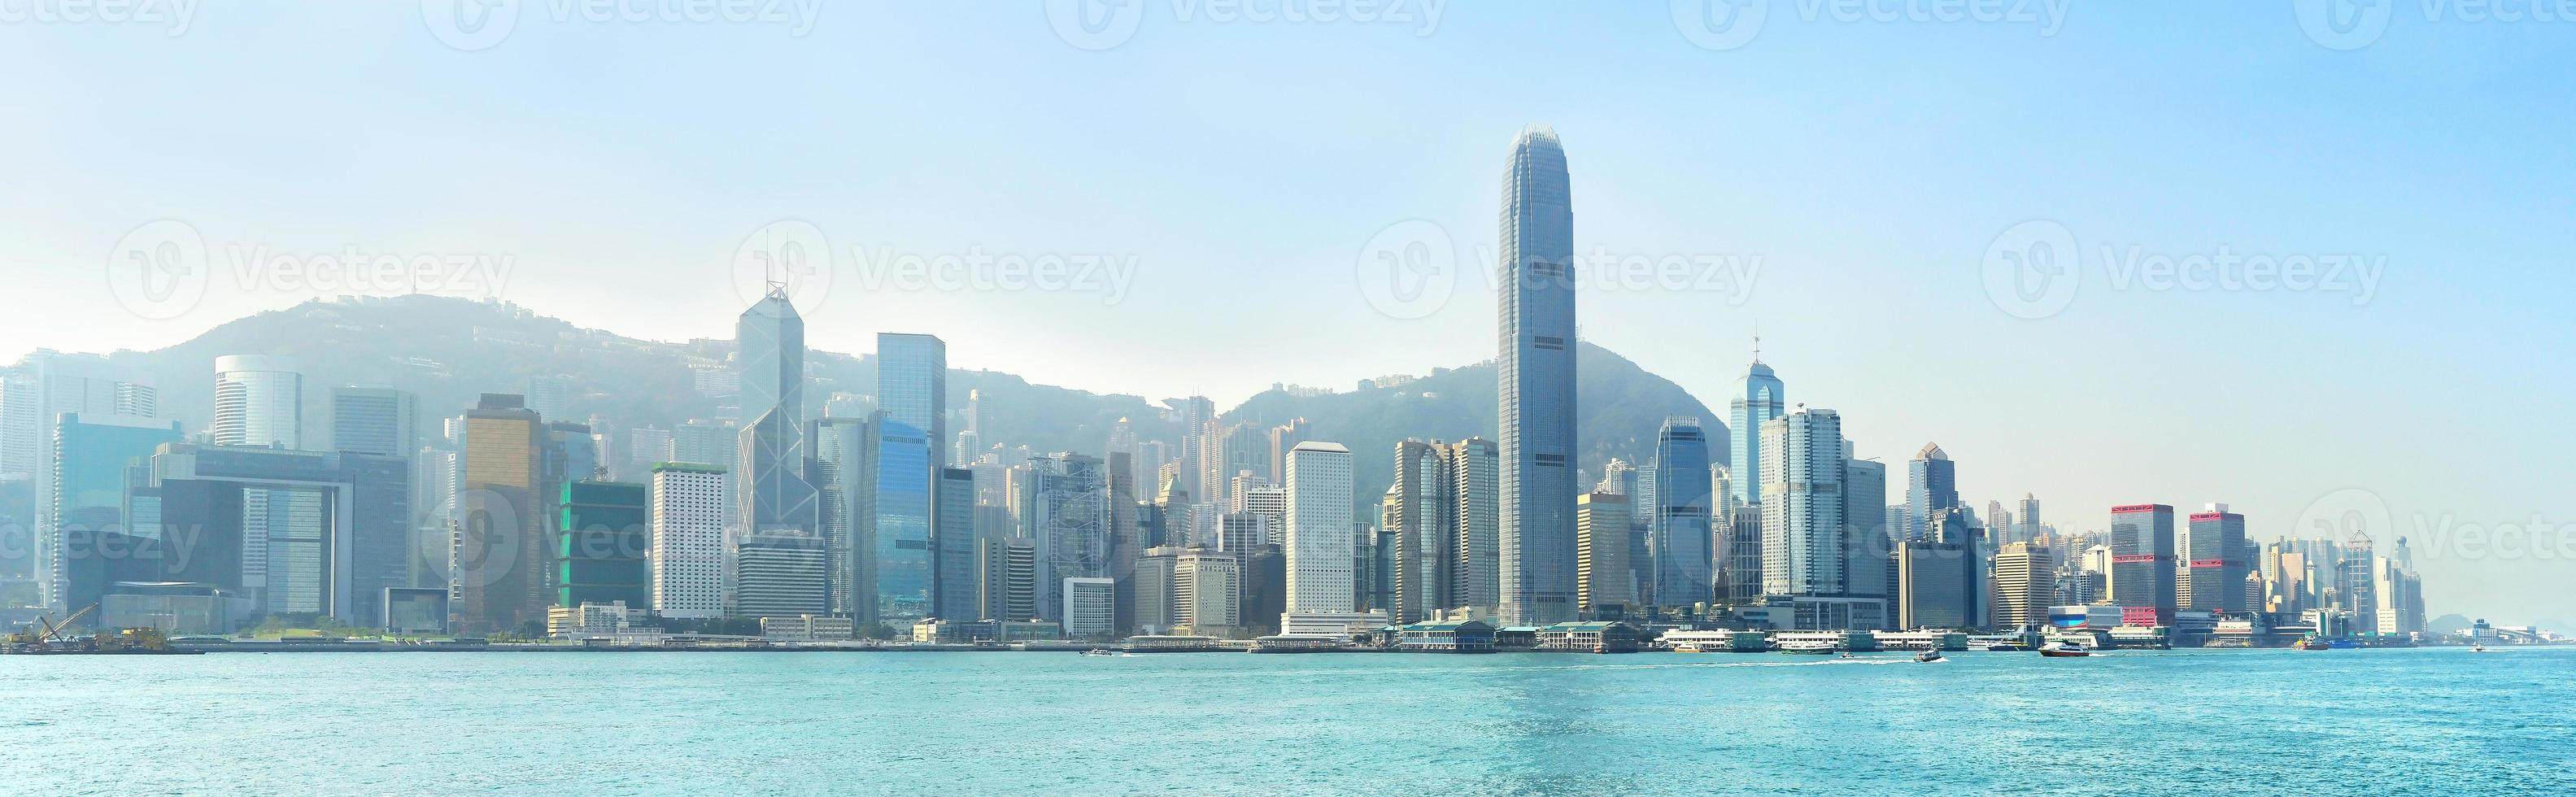 Hong Kong moderno foto